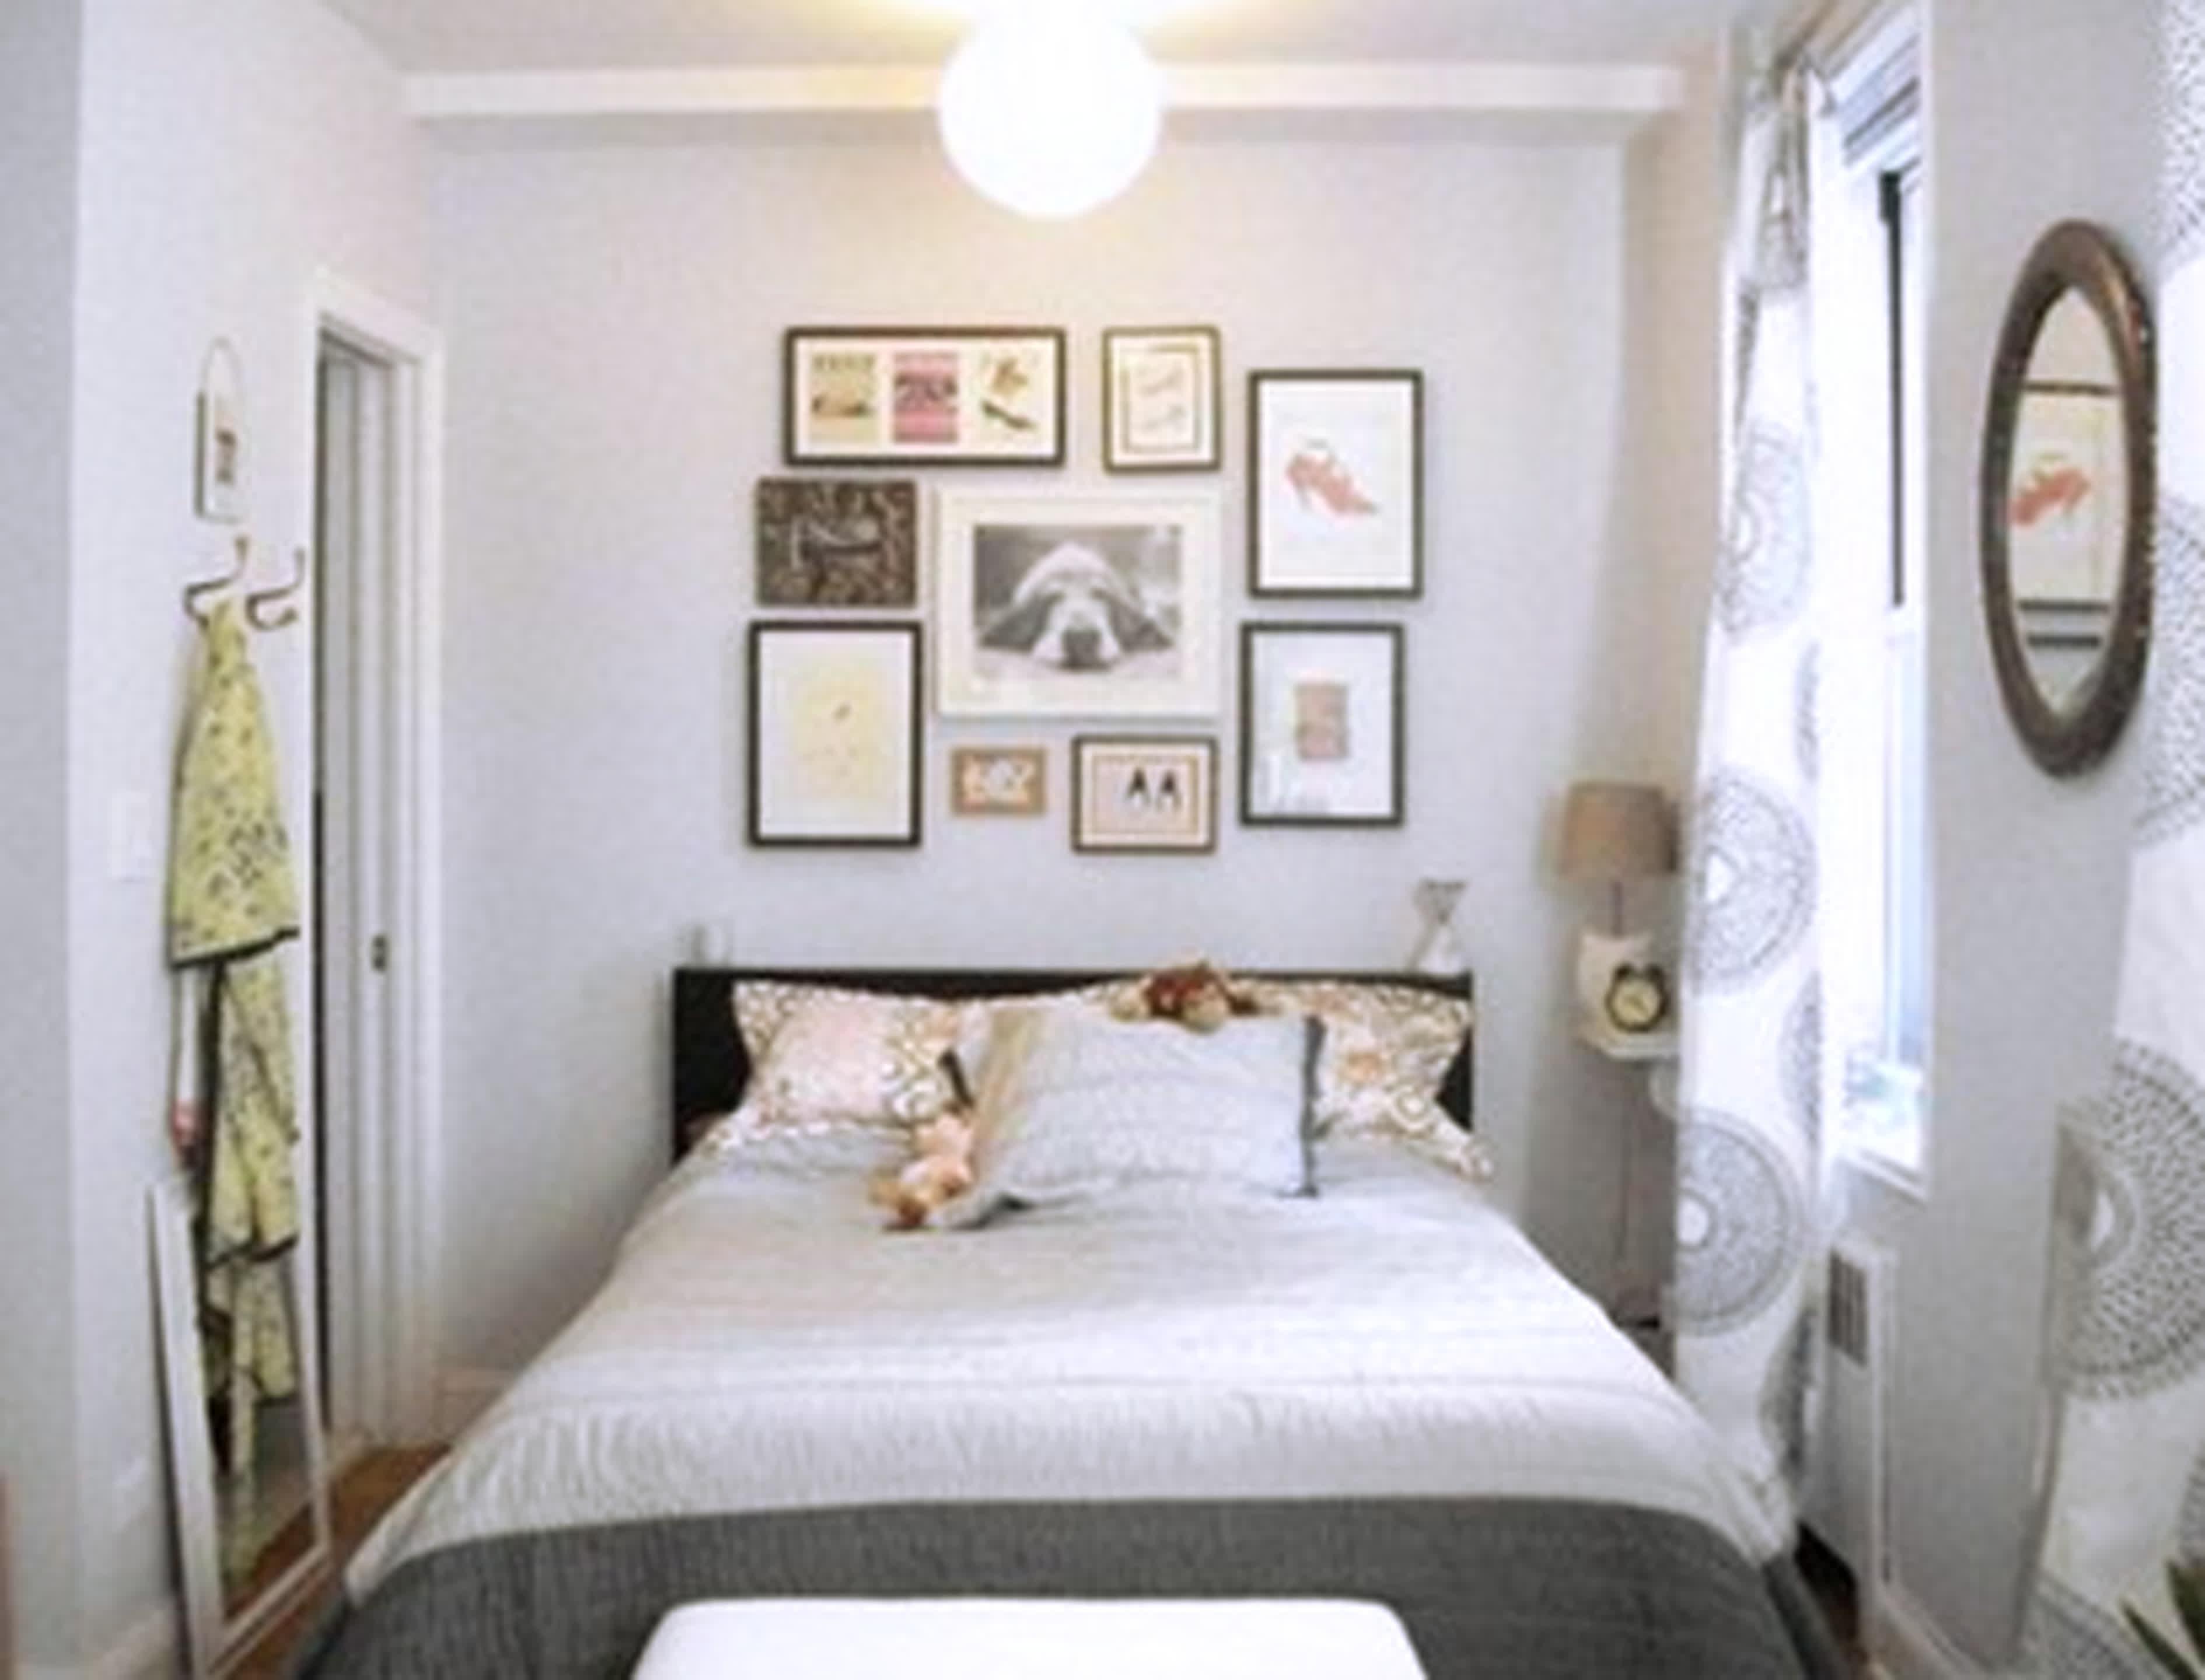 C Mo Decorar Una Habitaci N Peque A 5 Ejemplos Cehome ~ Decorar Dormitorio Matrimonio Pequeño